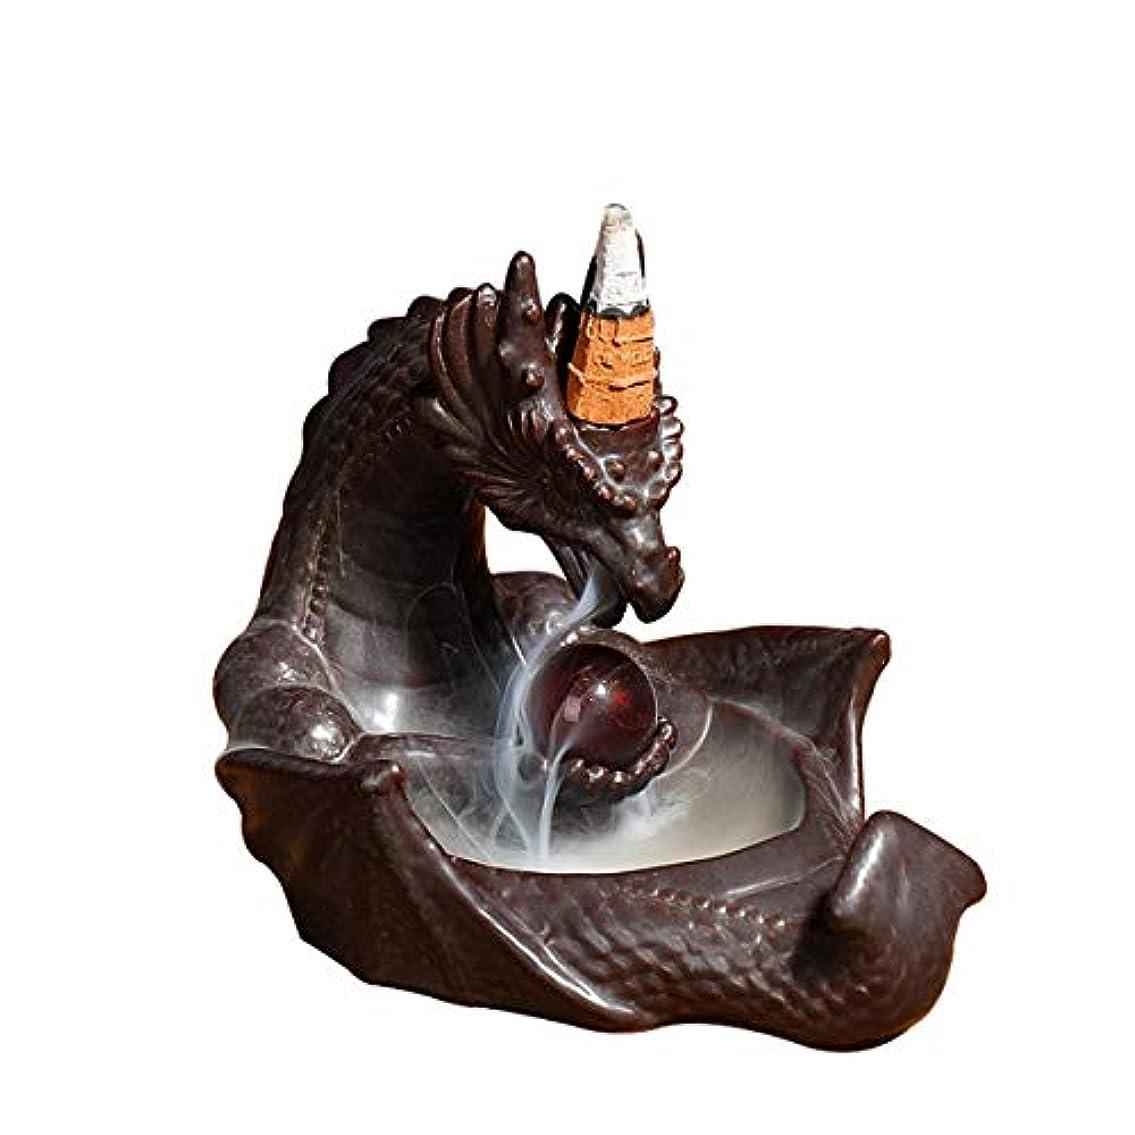 正当化する話すおしゃれじゃないセラミックアートクラフトドラゴン煙逆流香バーナーホルダー